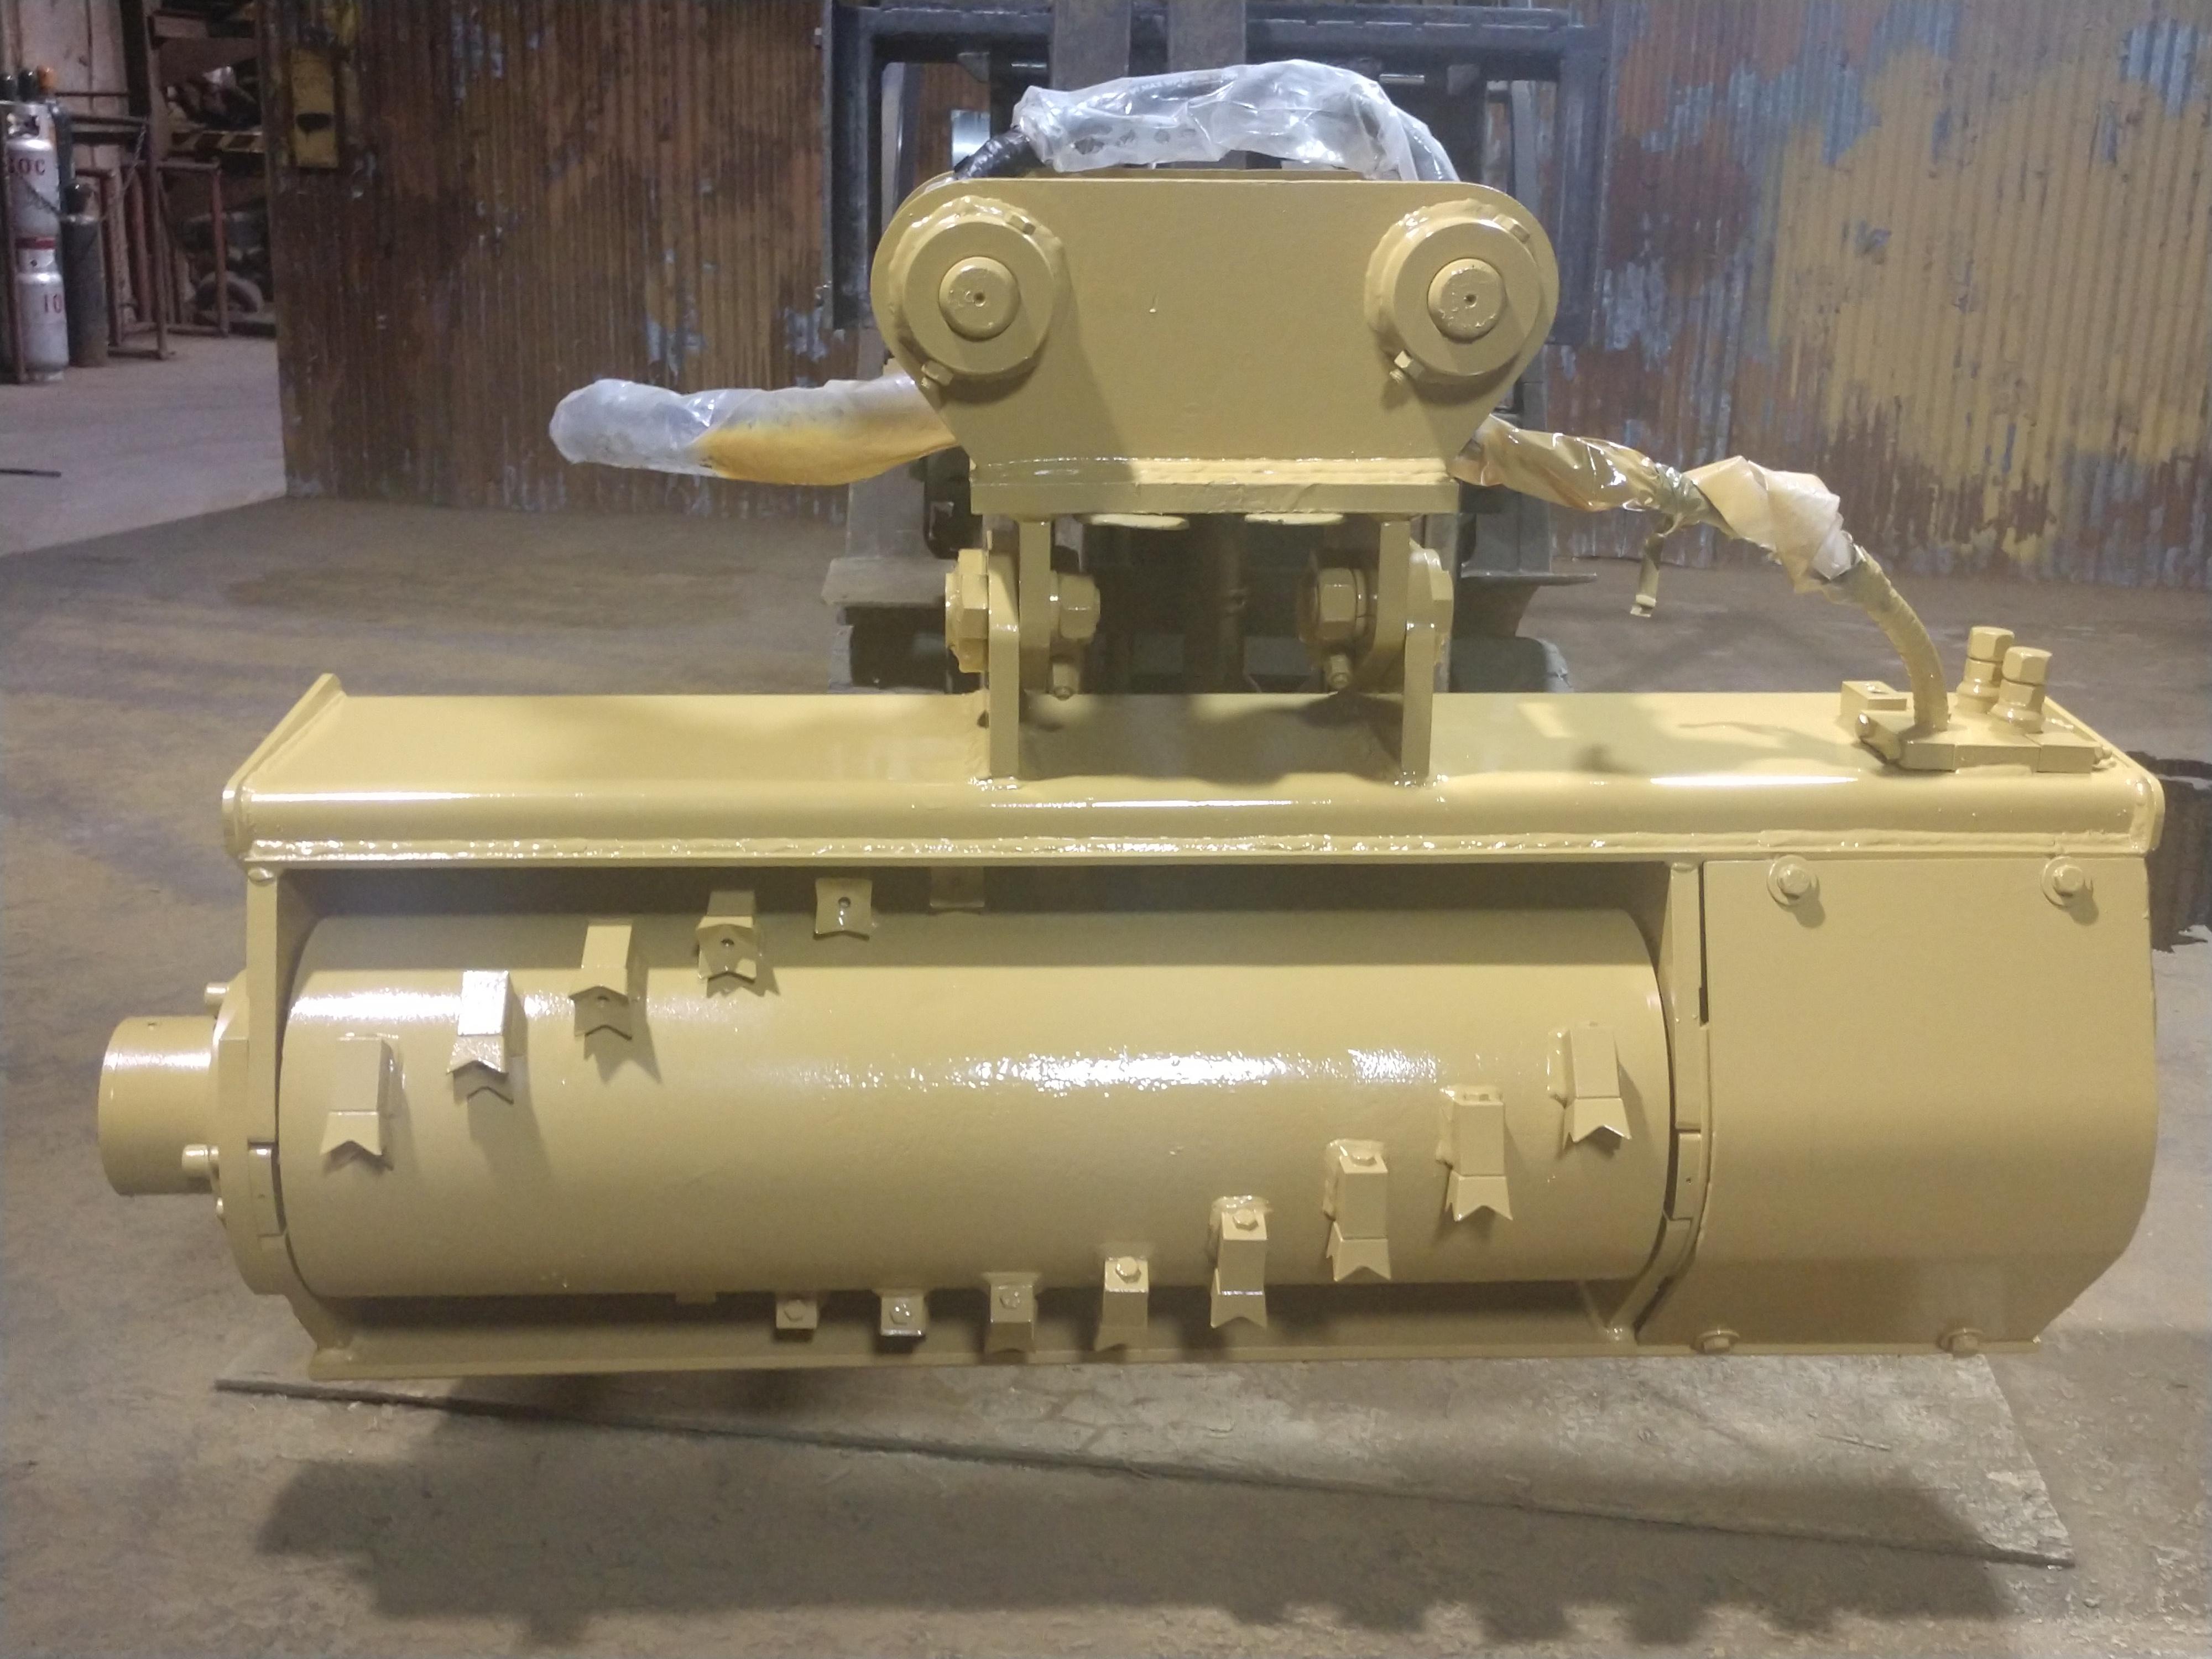 Model 750 drum grinder